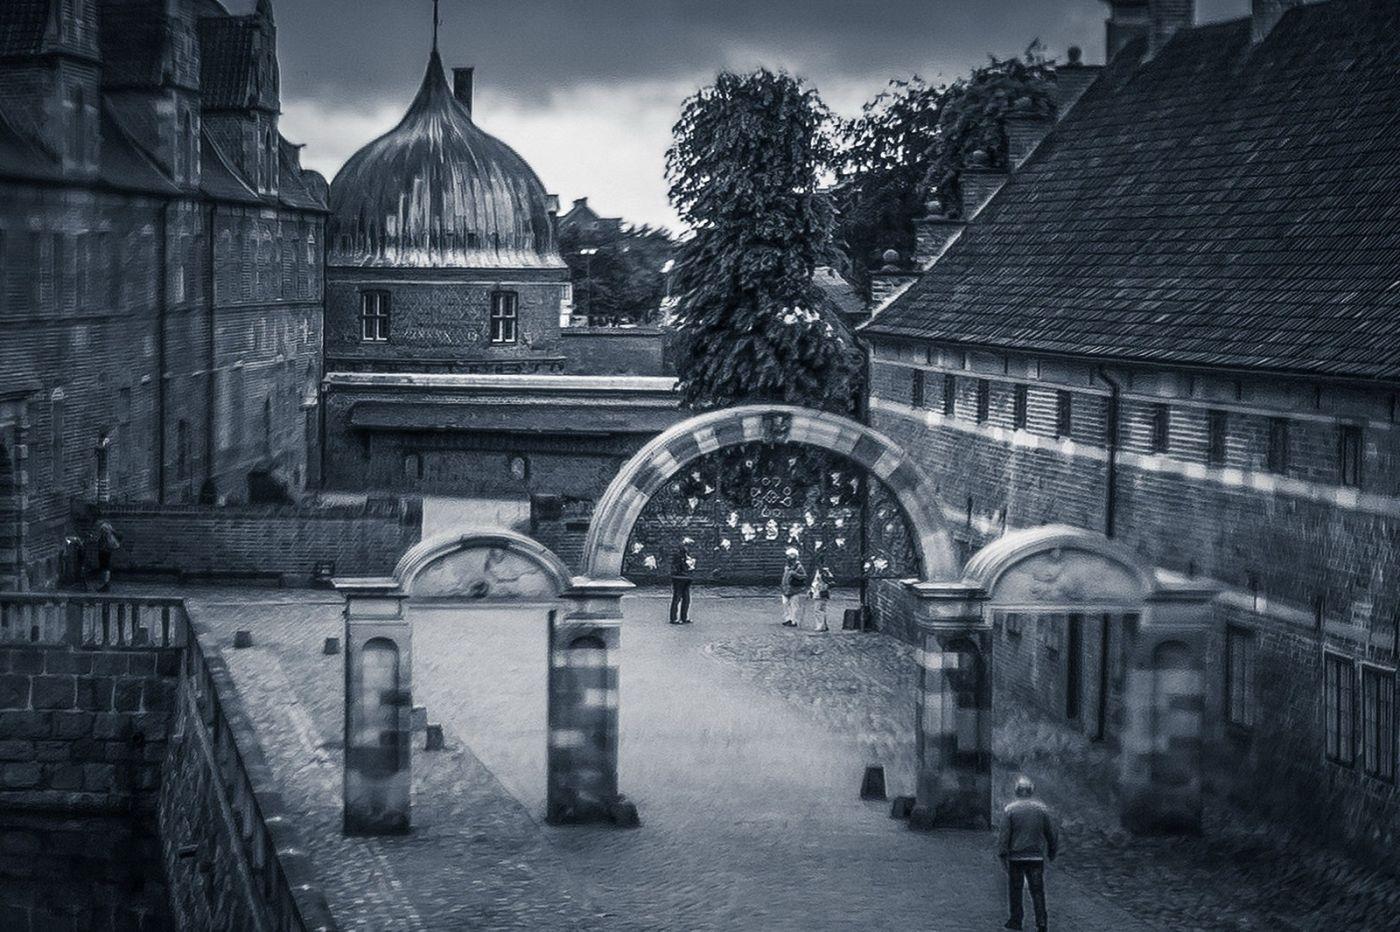 丹麦腓特烈堡城堡,回看历史_图1-8